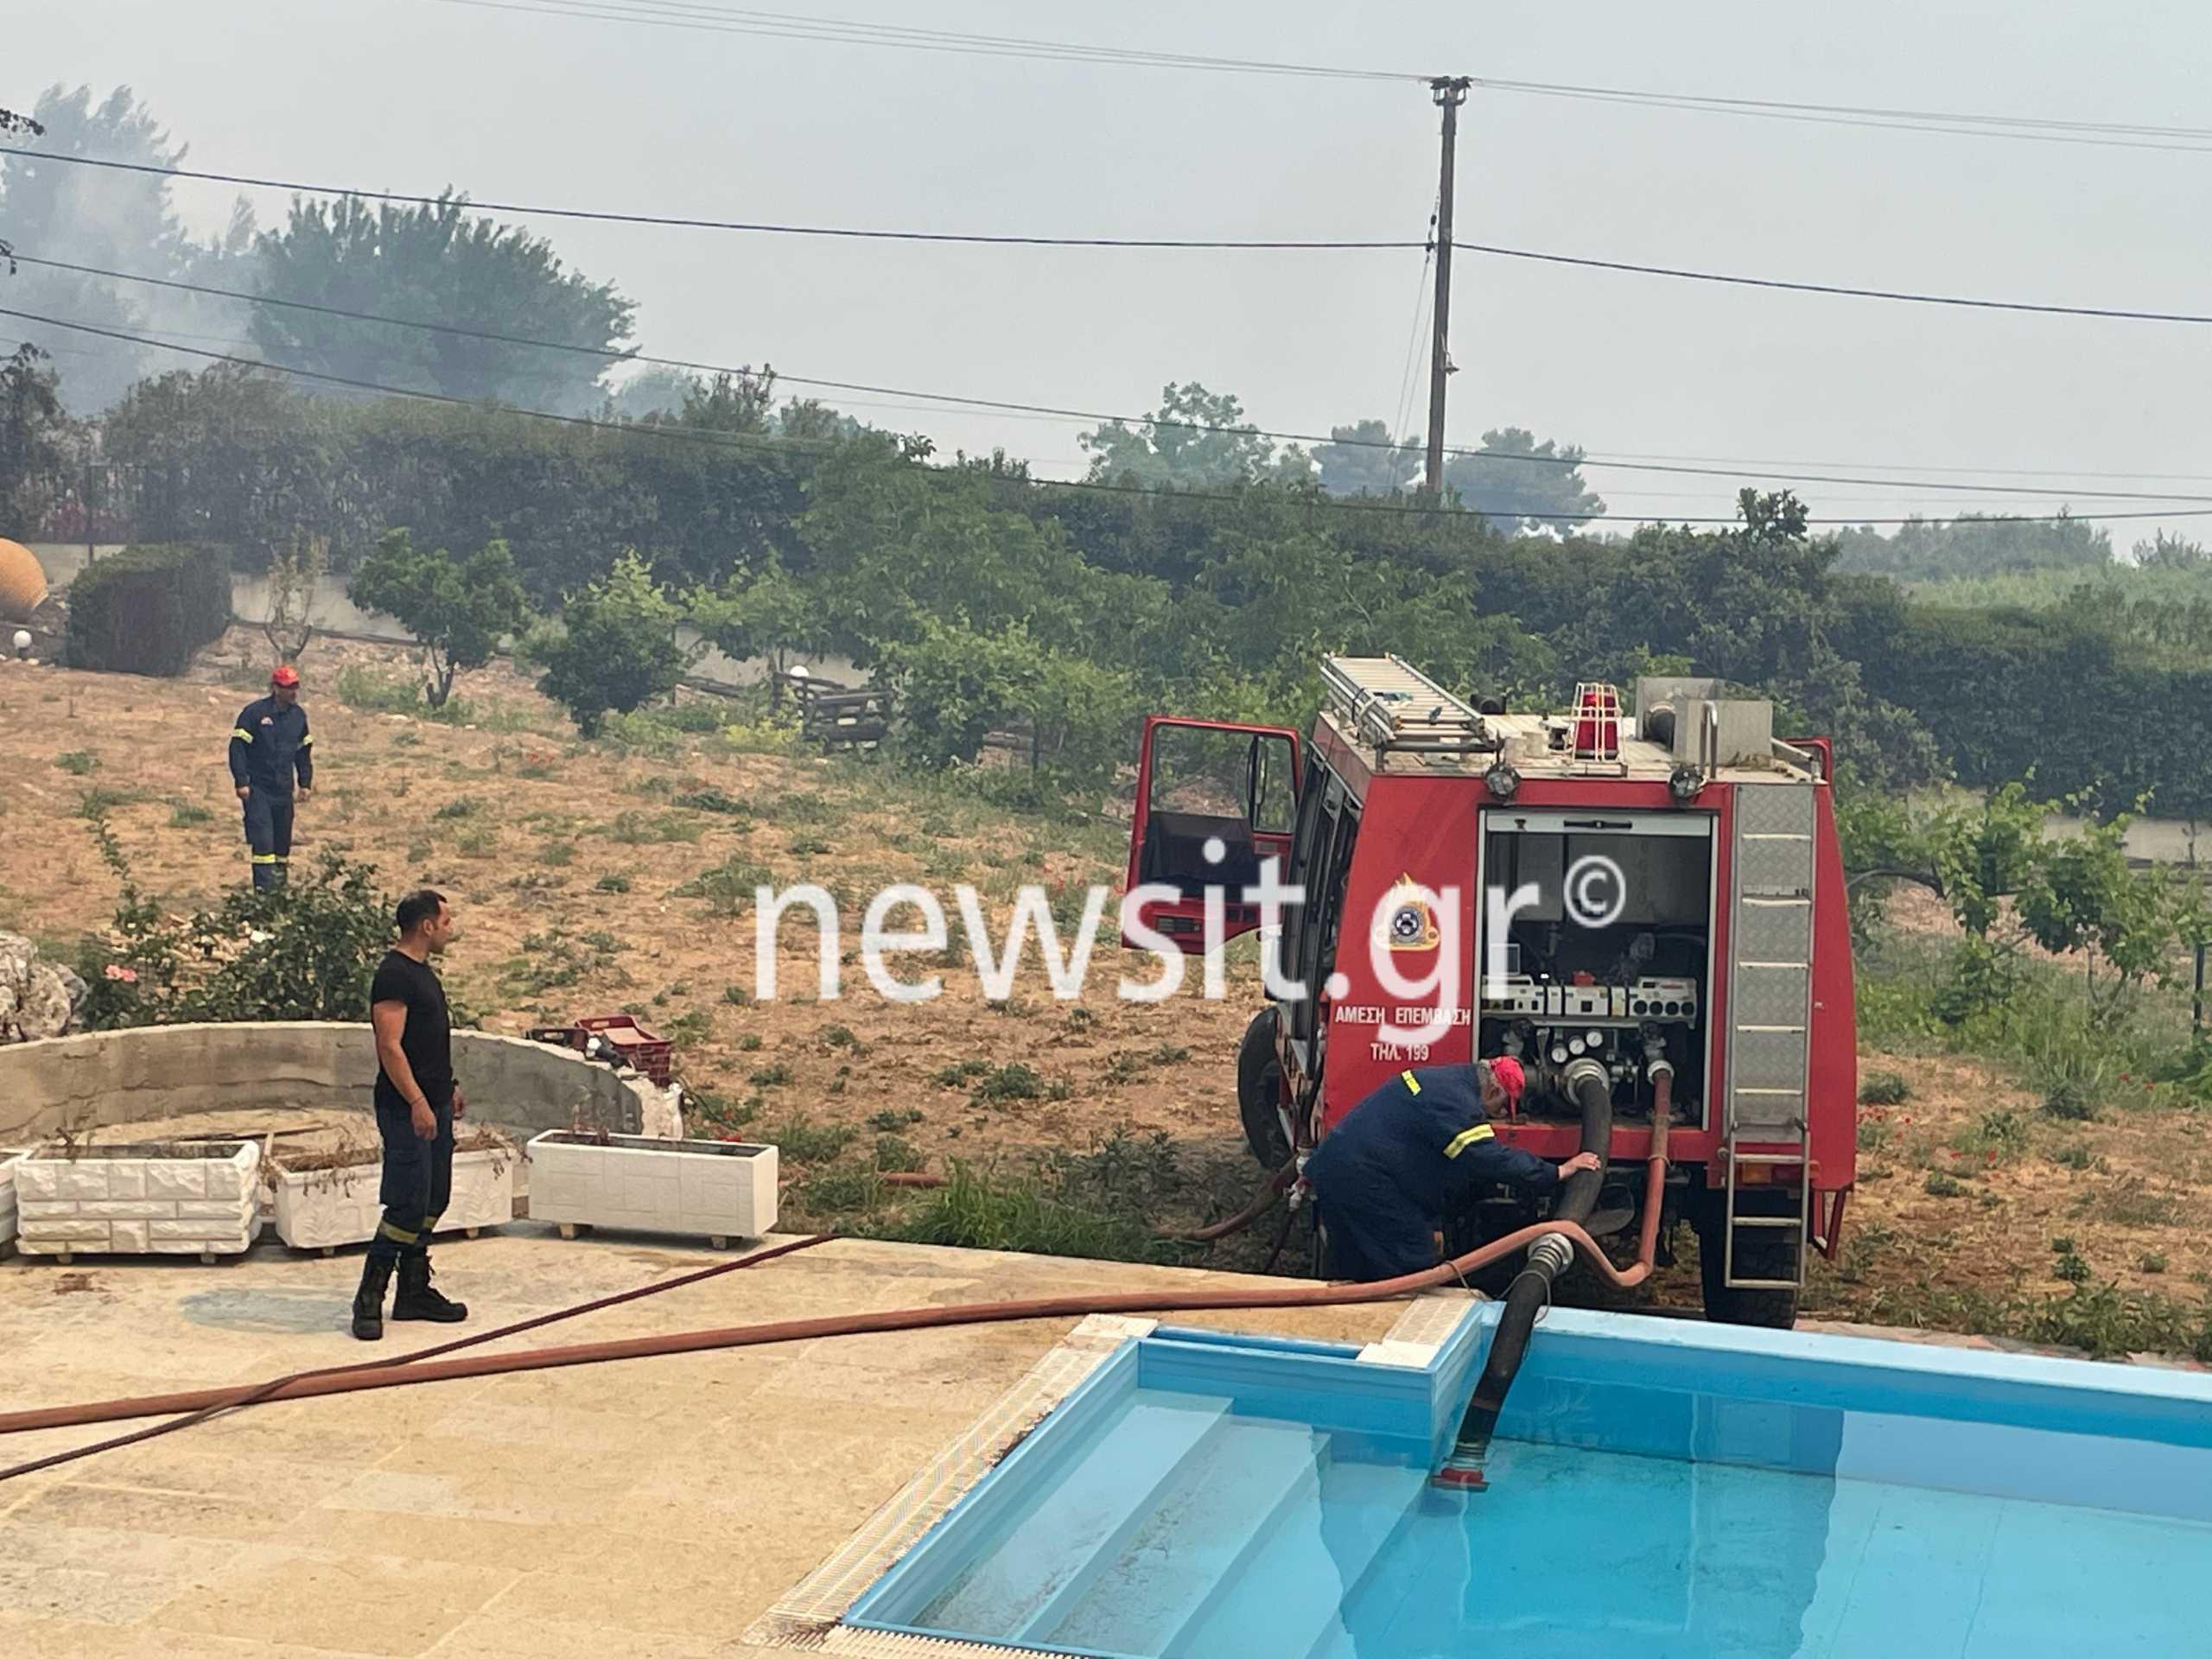 Φωτιά στον Σχίνο: Η στιγμή που πυροσβέστες παίρνουν νερό από πισίνα εξοχικού για να συνεχίσουν (pics, video)